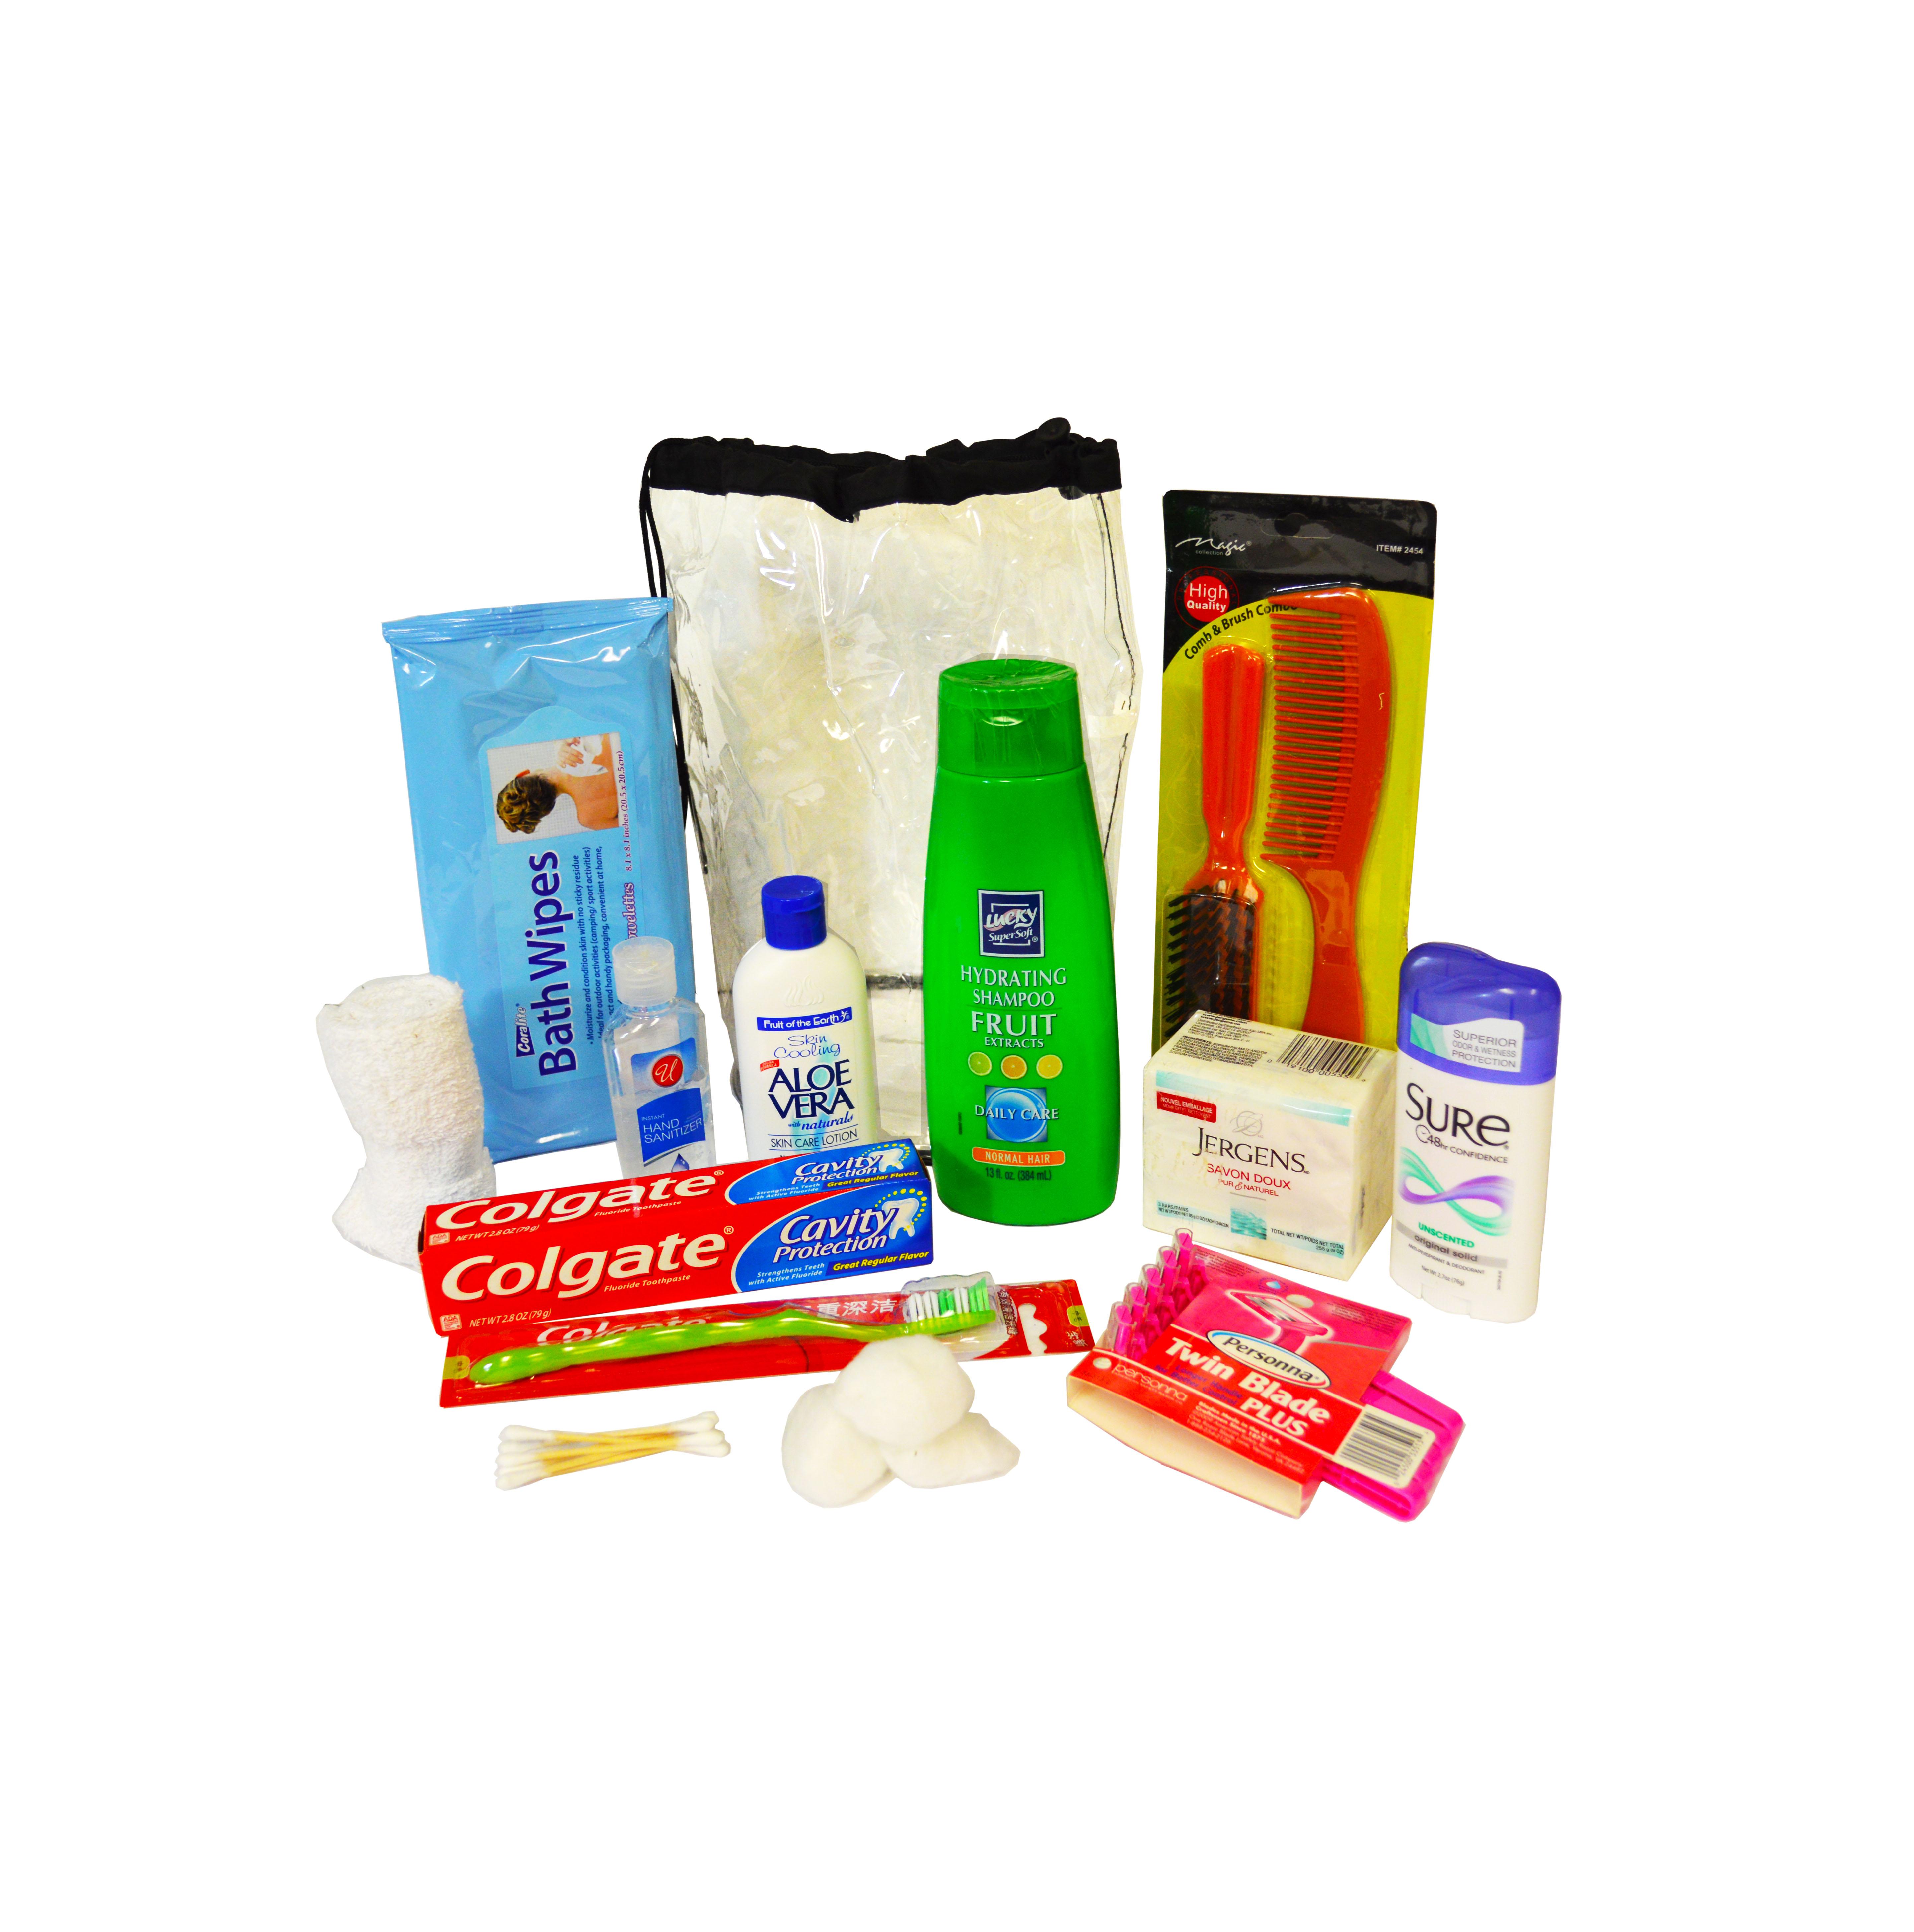 Female Hygiene Kit 003 Fhk 000